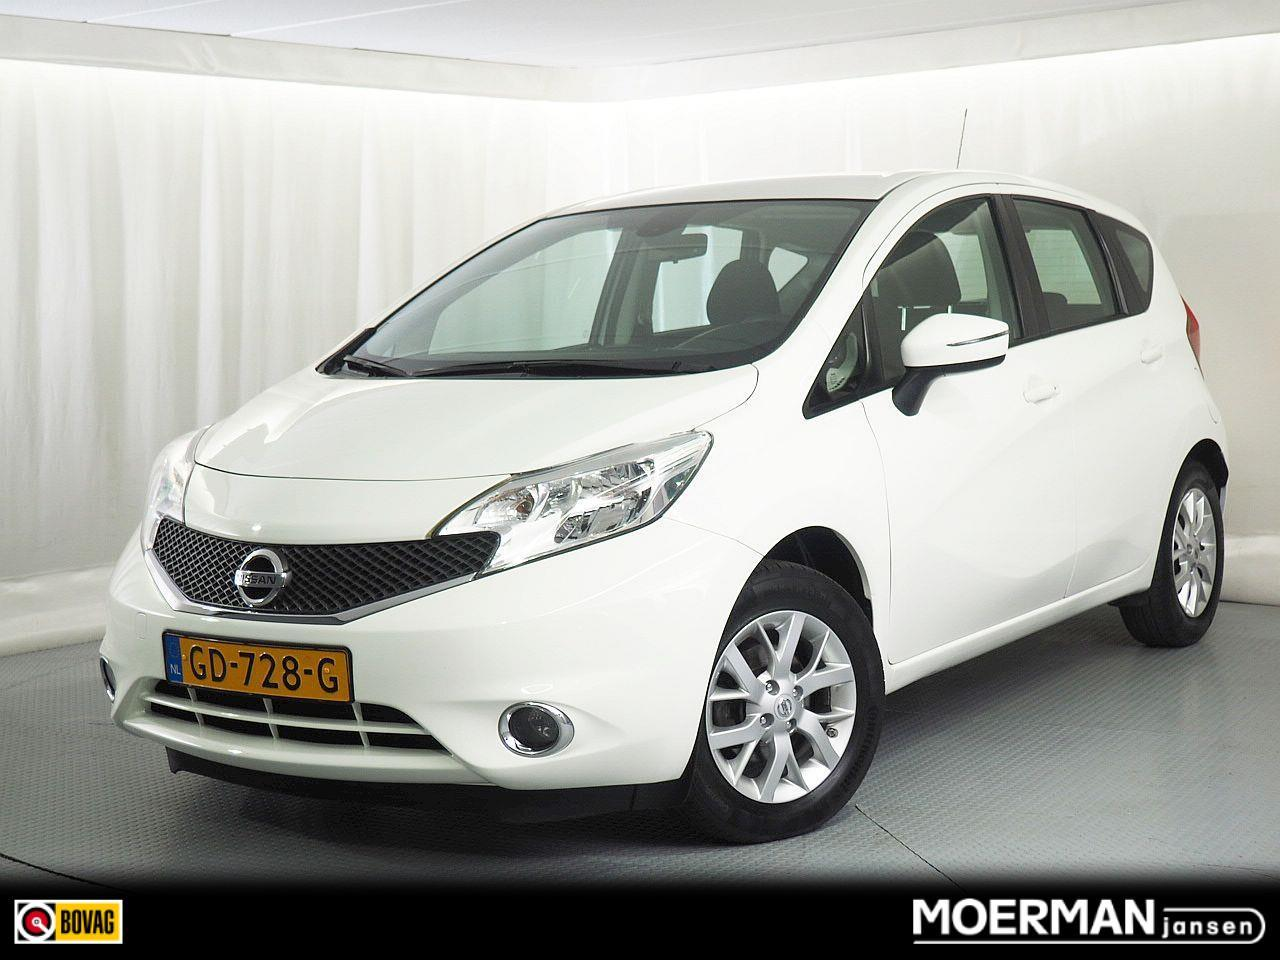 Nissan Note 1.2 connect edition / hoge zit / 60.000km / navigatie / climate control